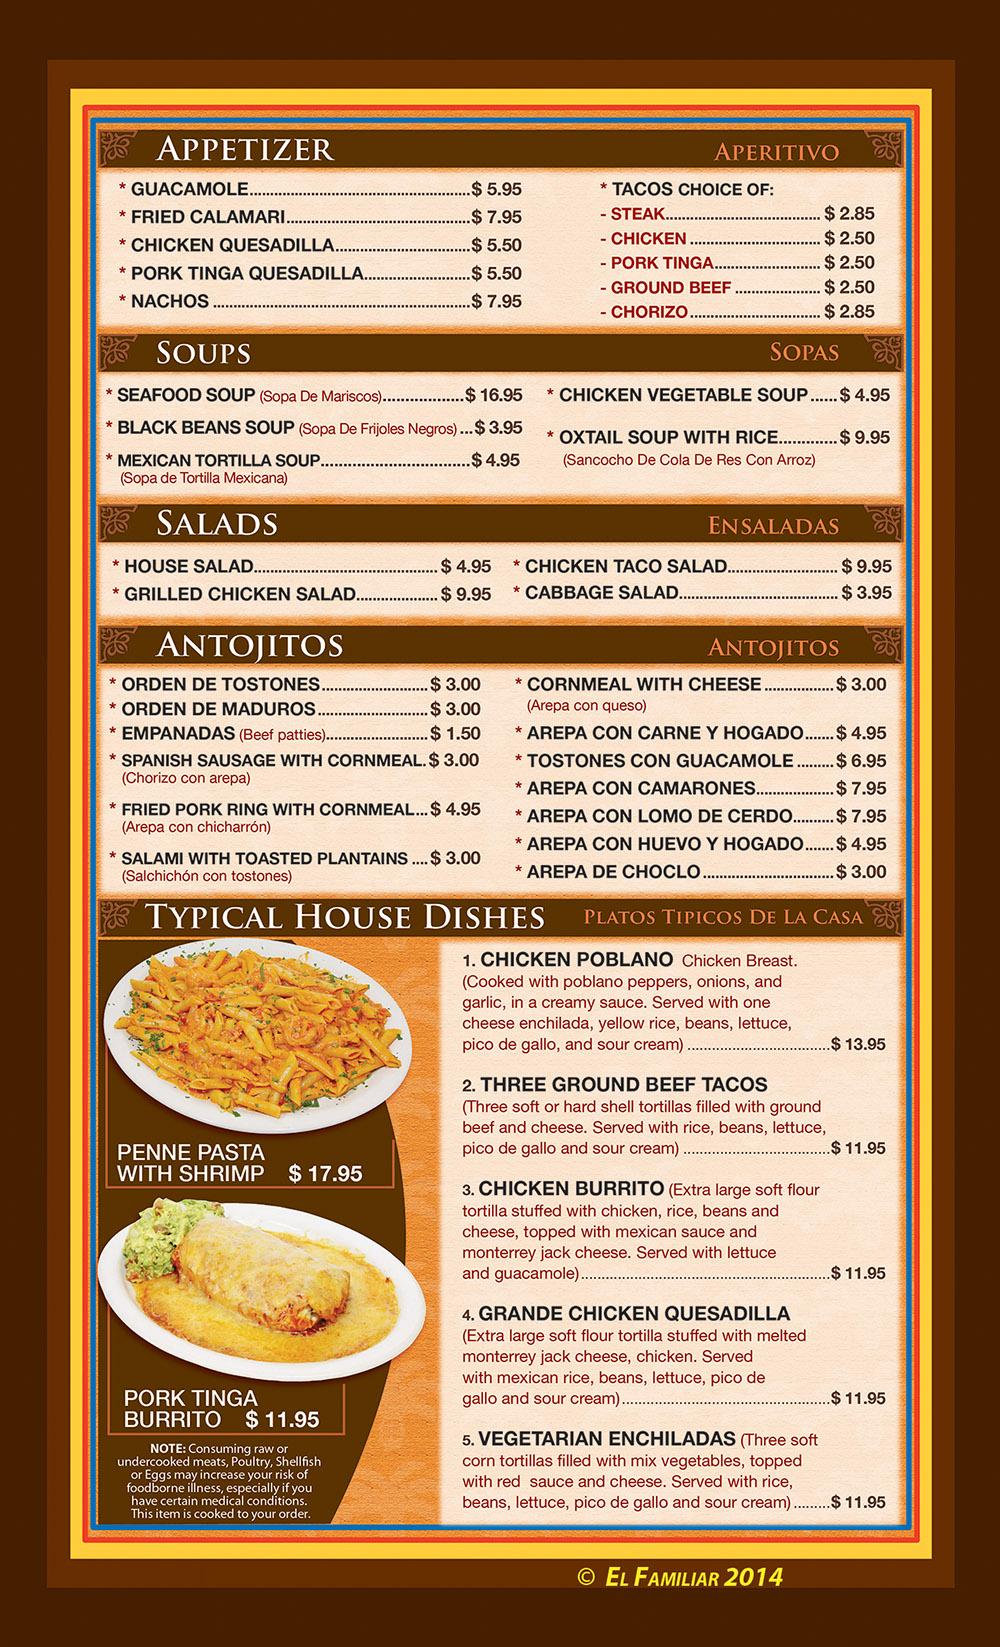 El familiar menu page 1